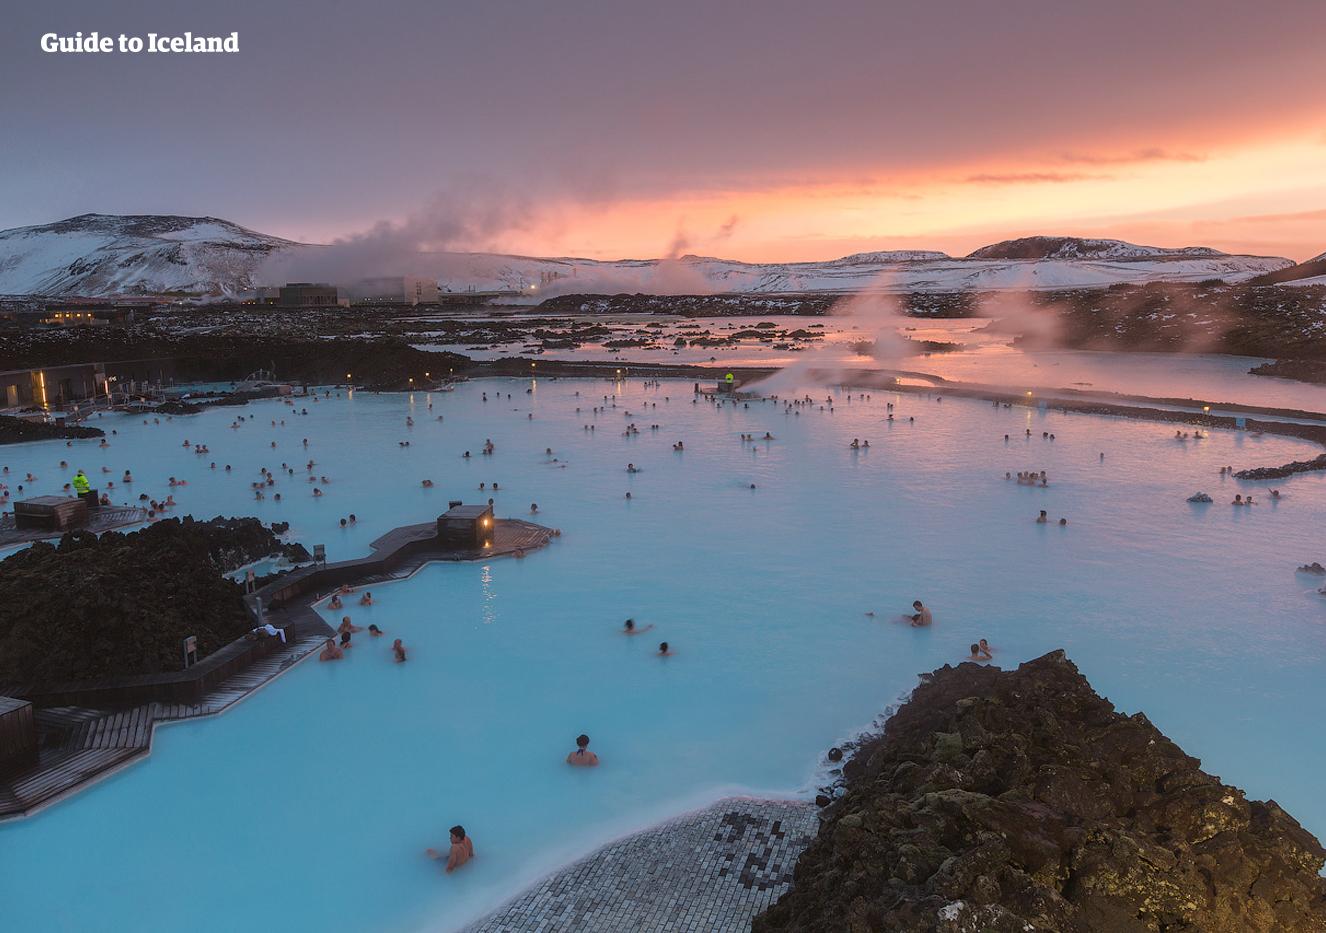 8 dni, samodzielna podróż | Dookoła Islandii z dłuższym pobytem na południu - day 1